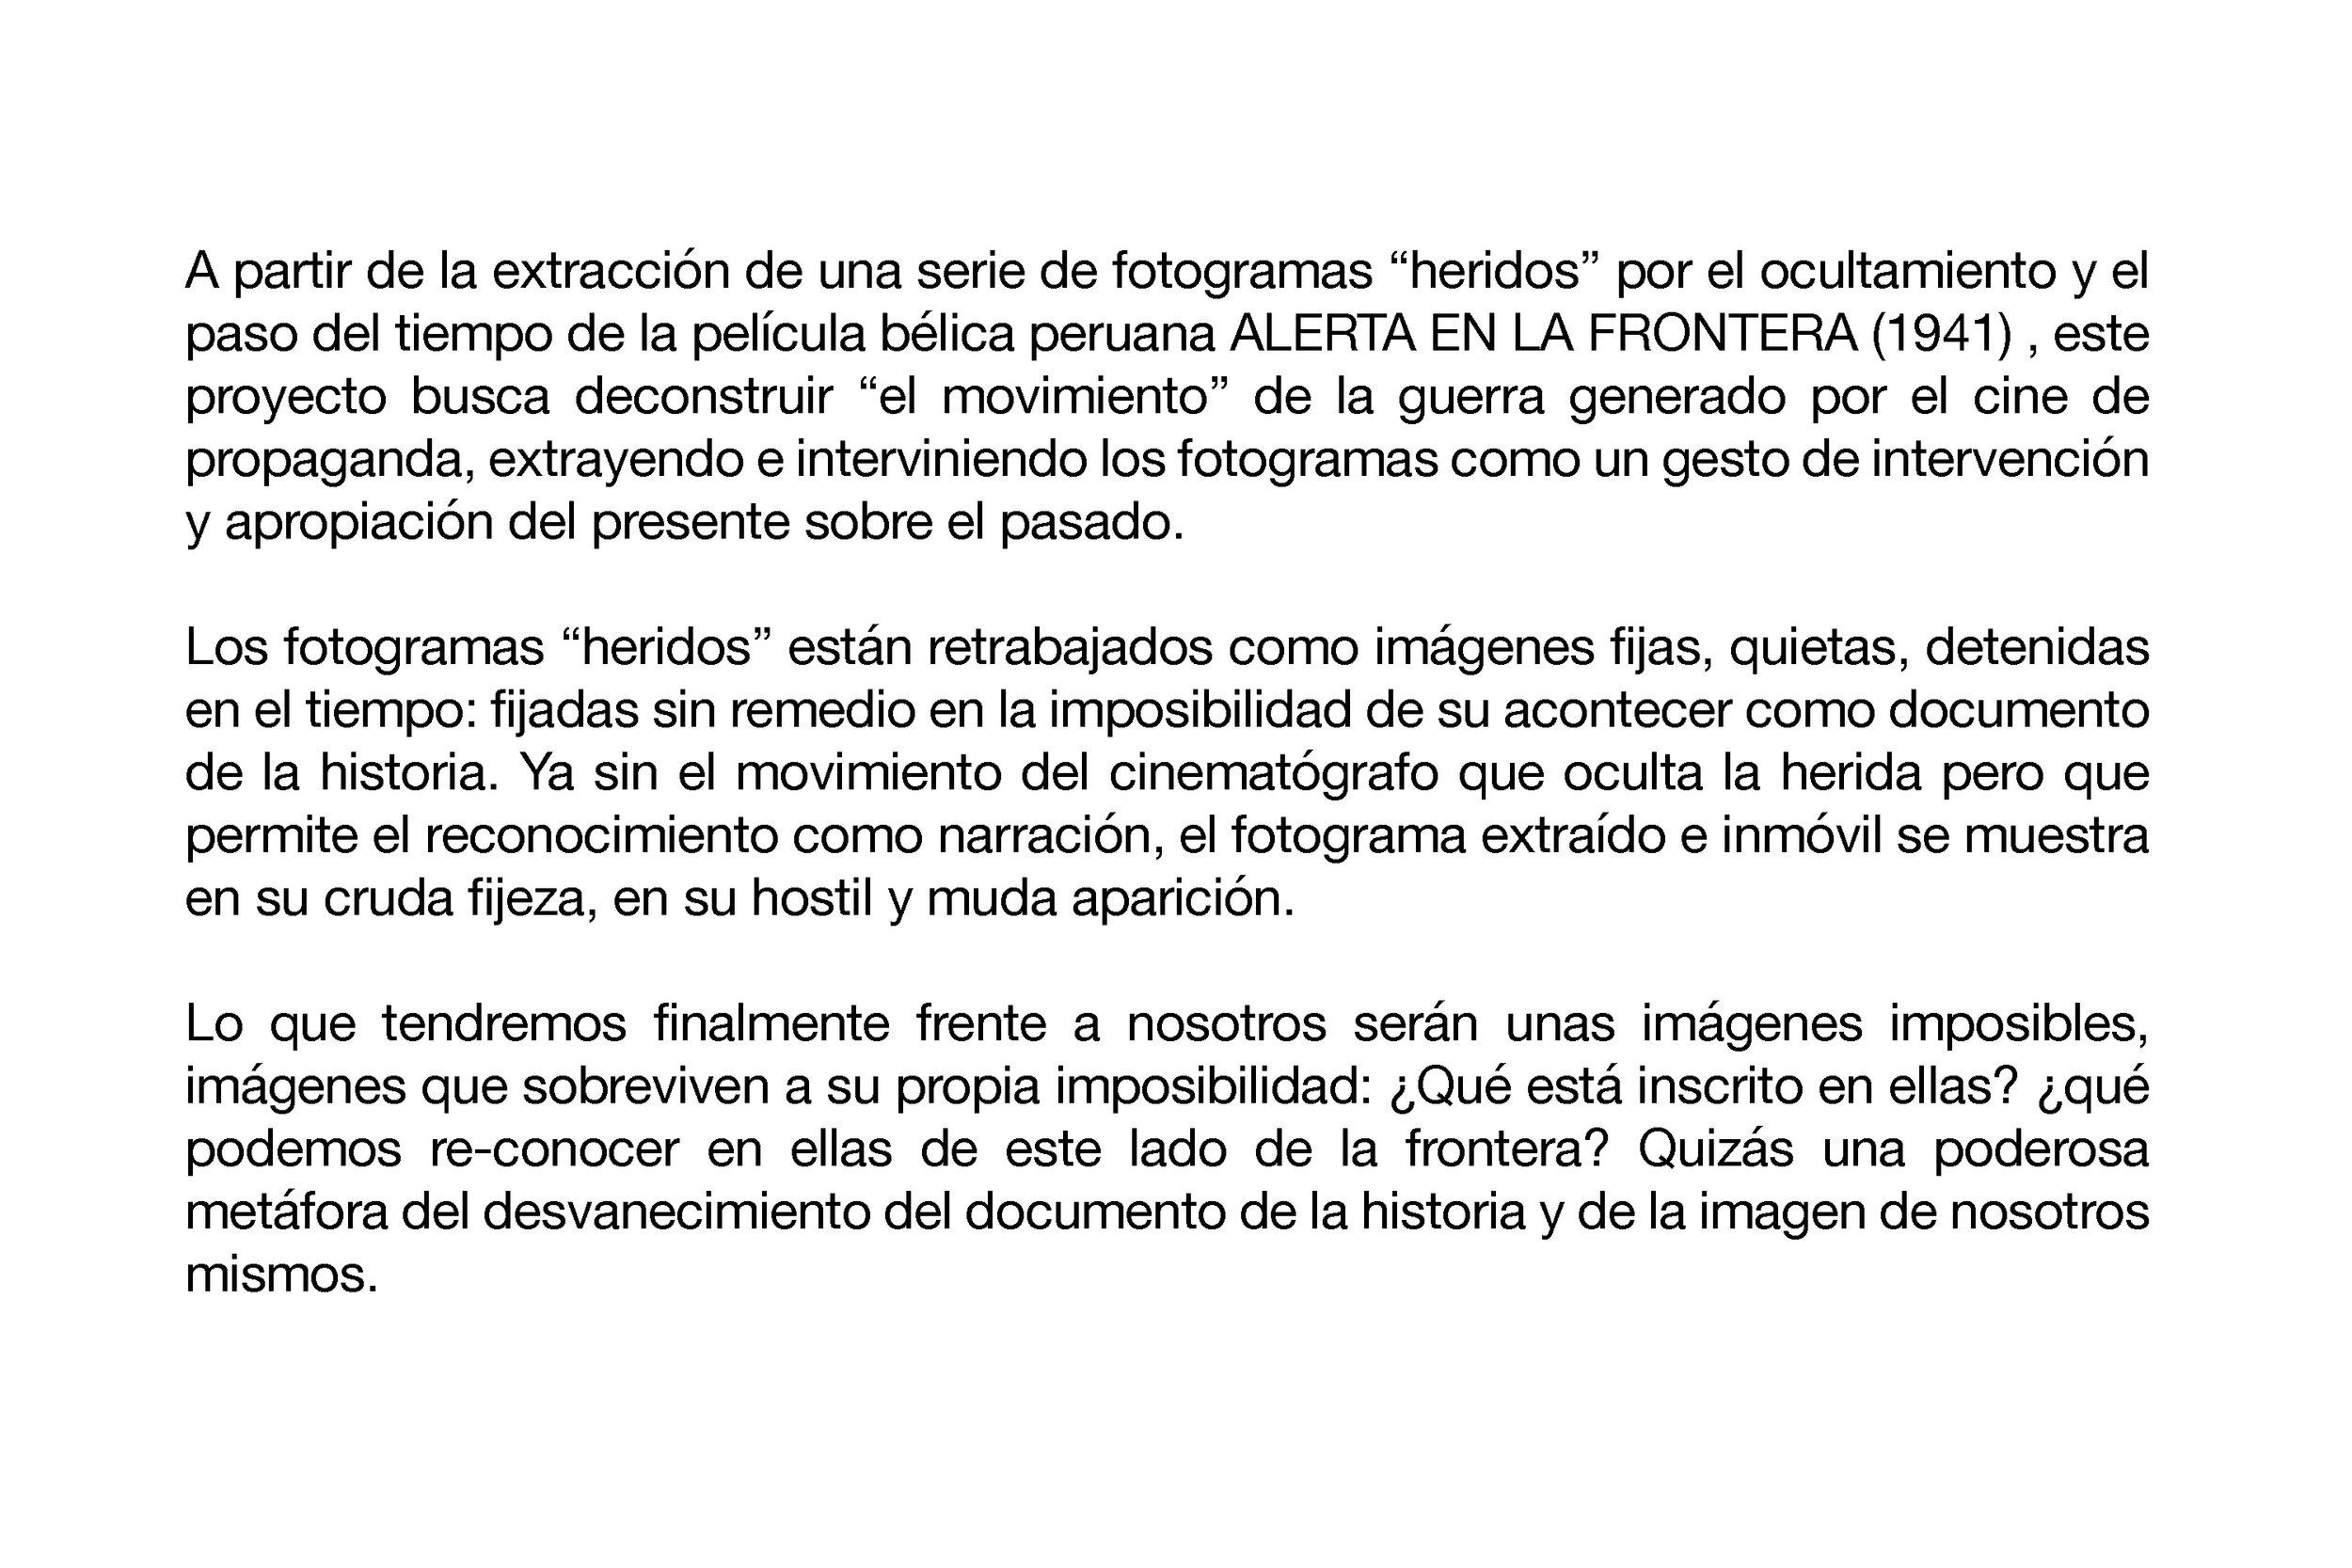 HERIDAS DE LA IMAGEN (pruebas) 002.jpg